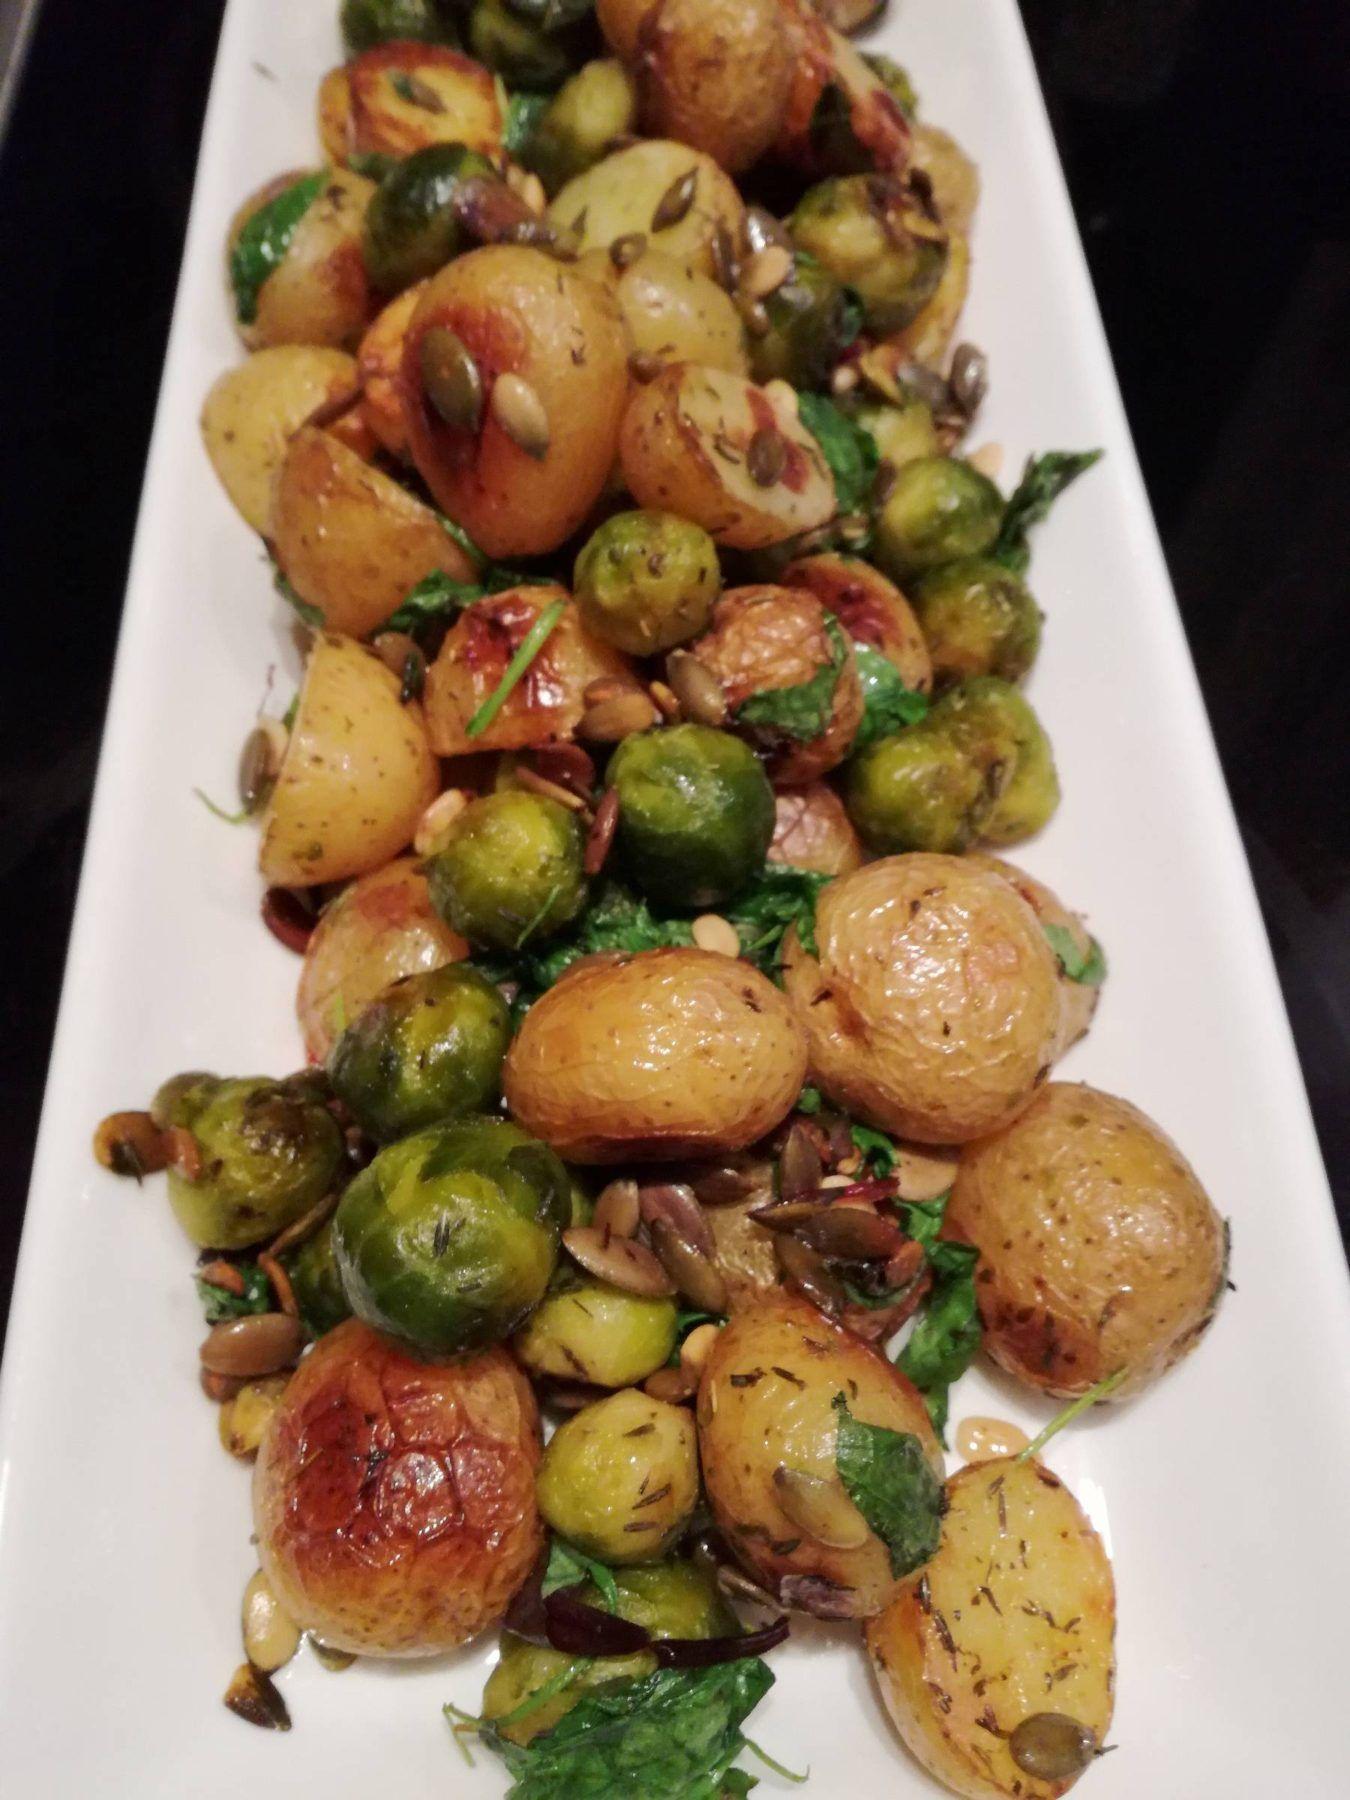 Kartofler og rosenkål svitset på panden